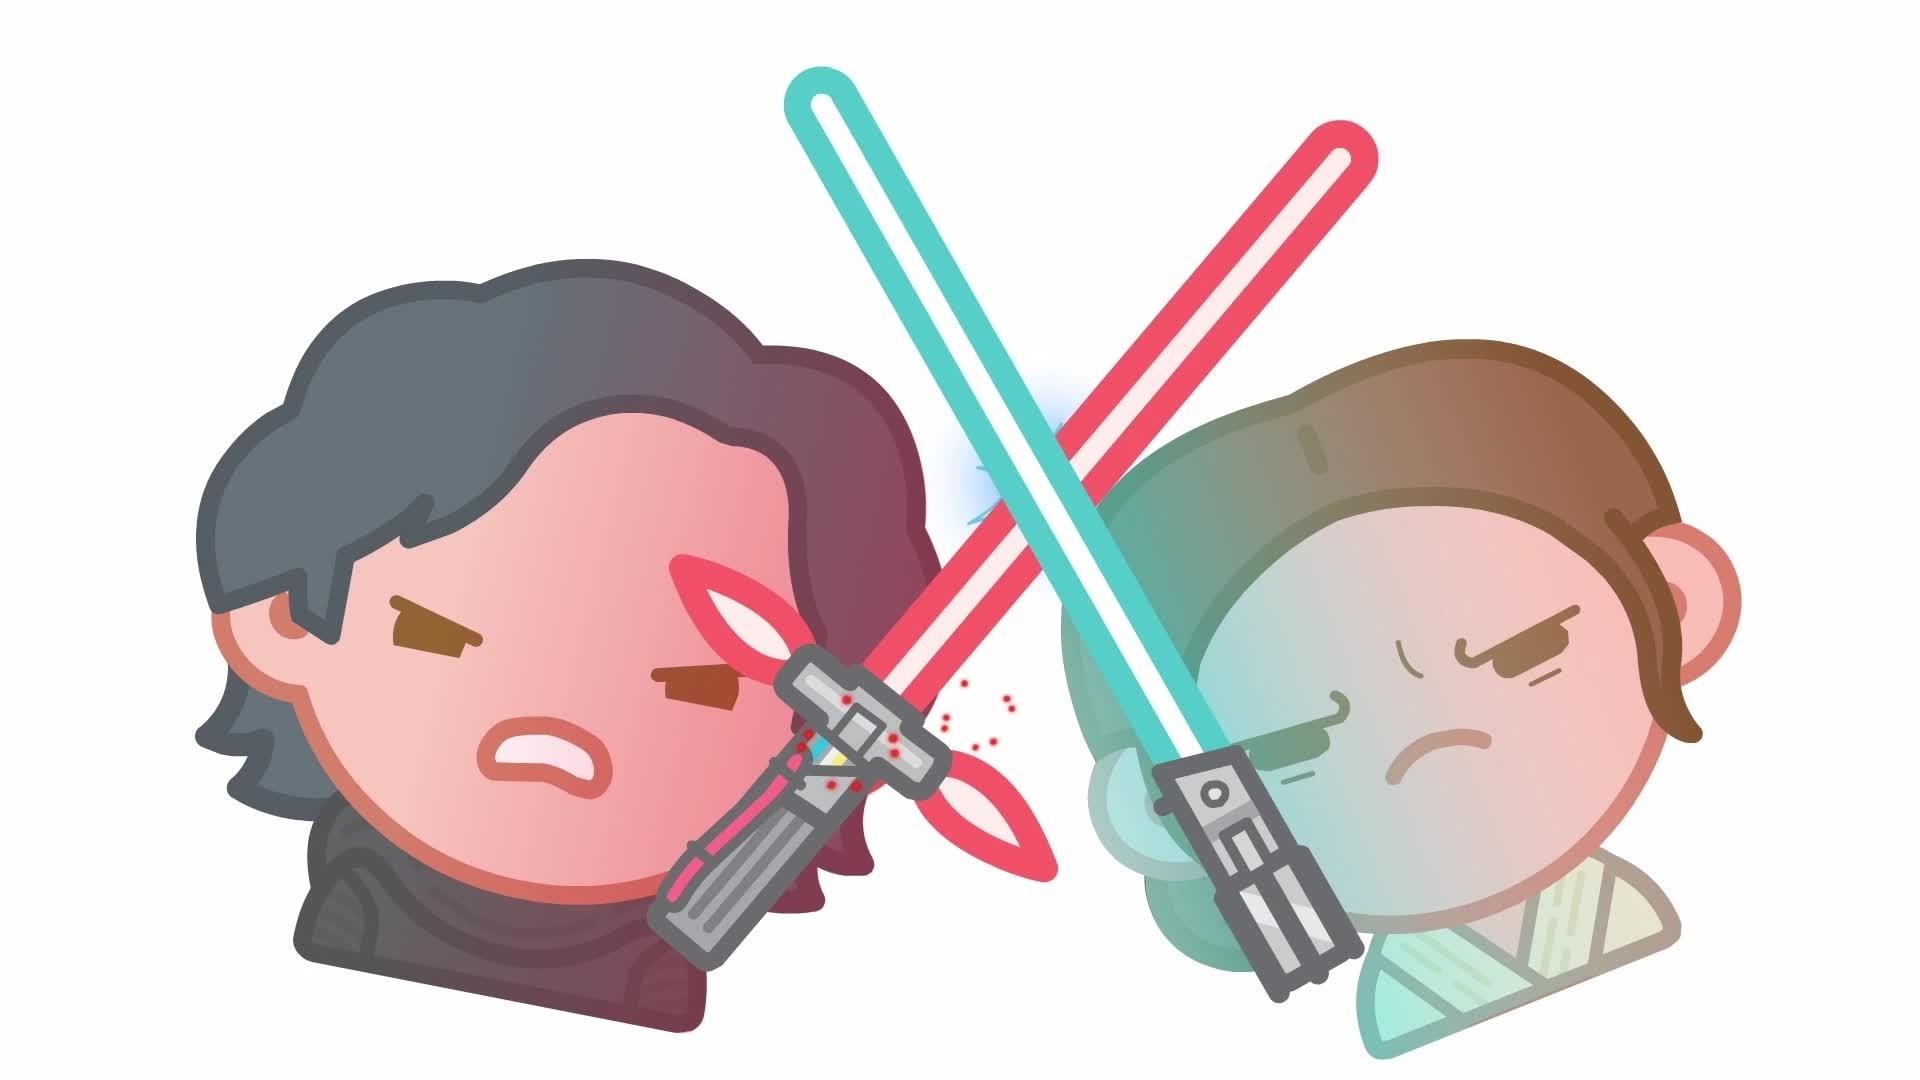 حرب النجوم: القوة تستيقظ كما تراها بالرموز التعبيرية